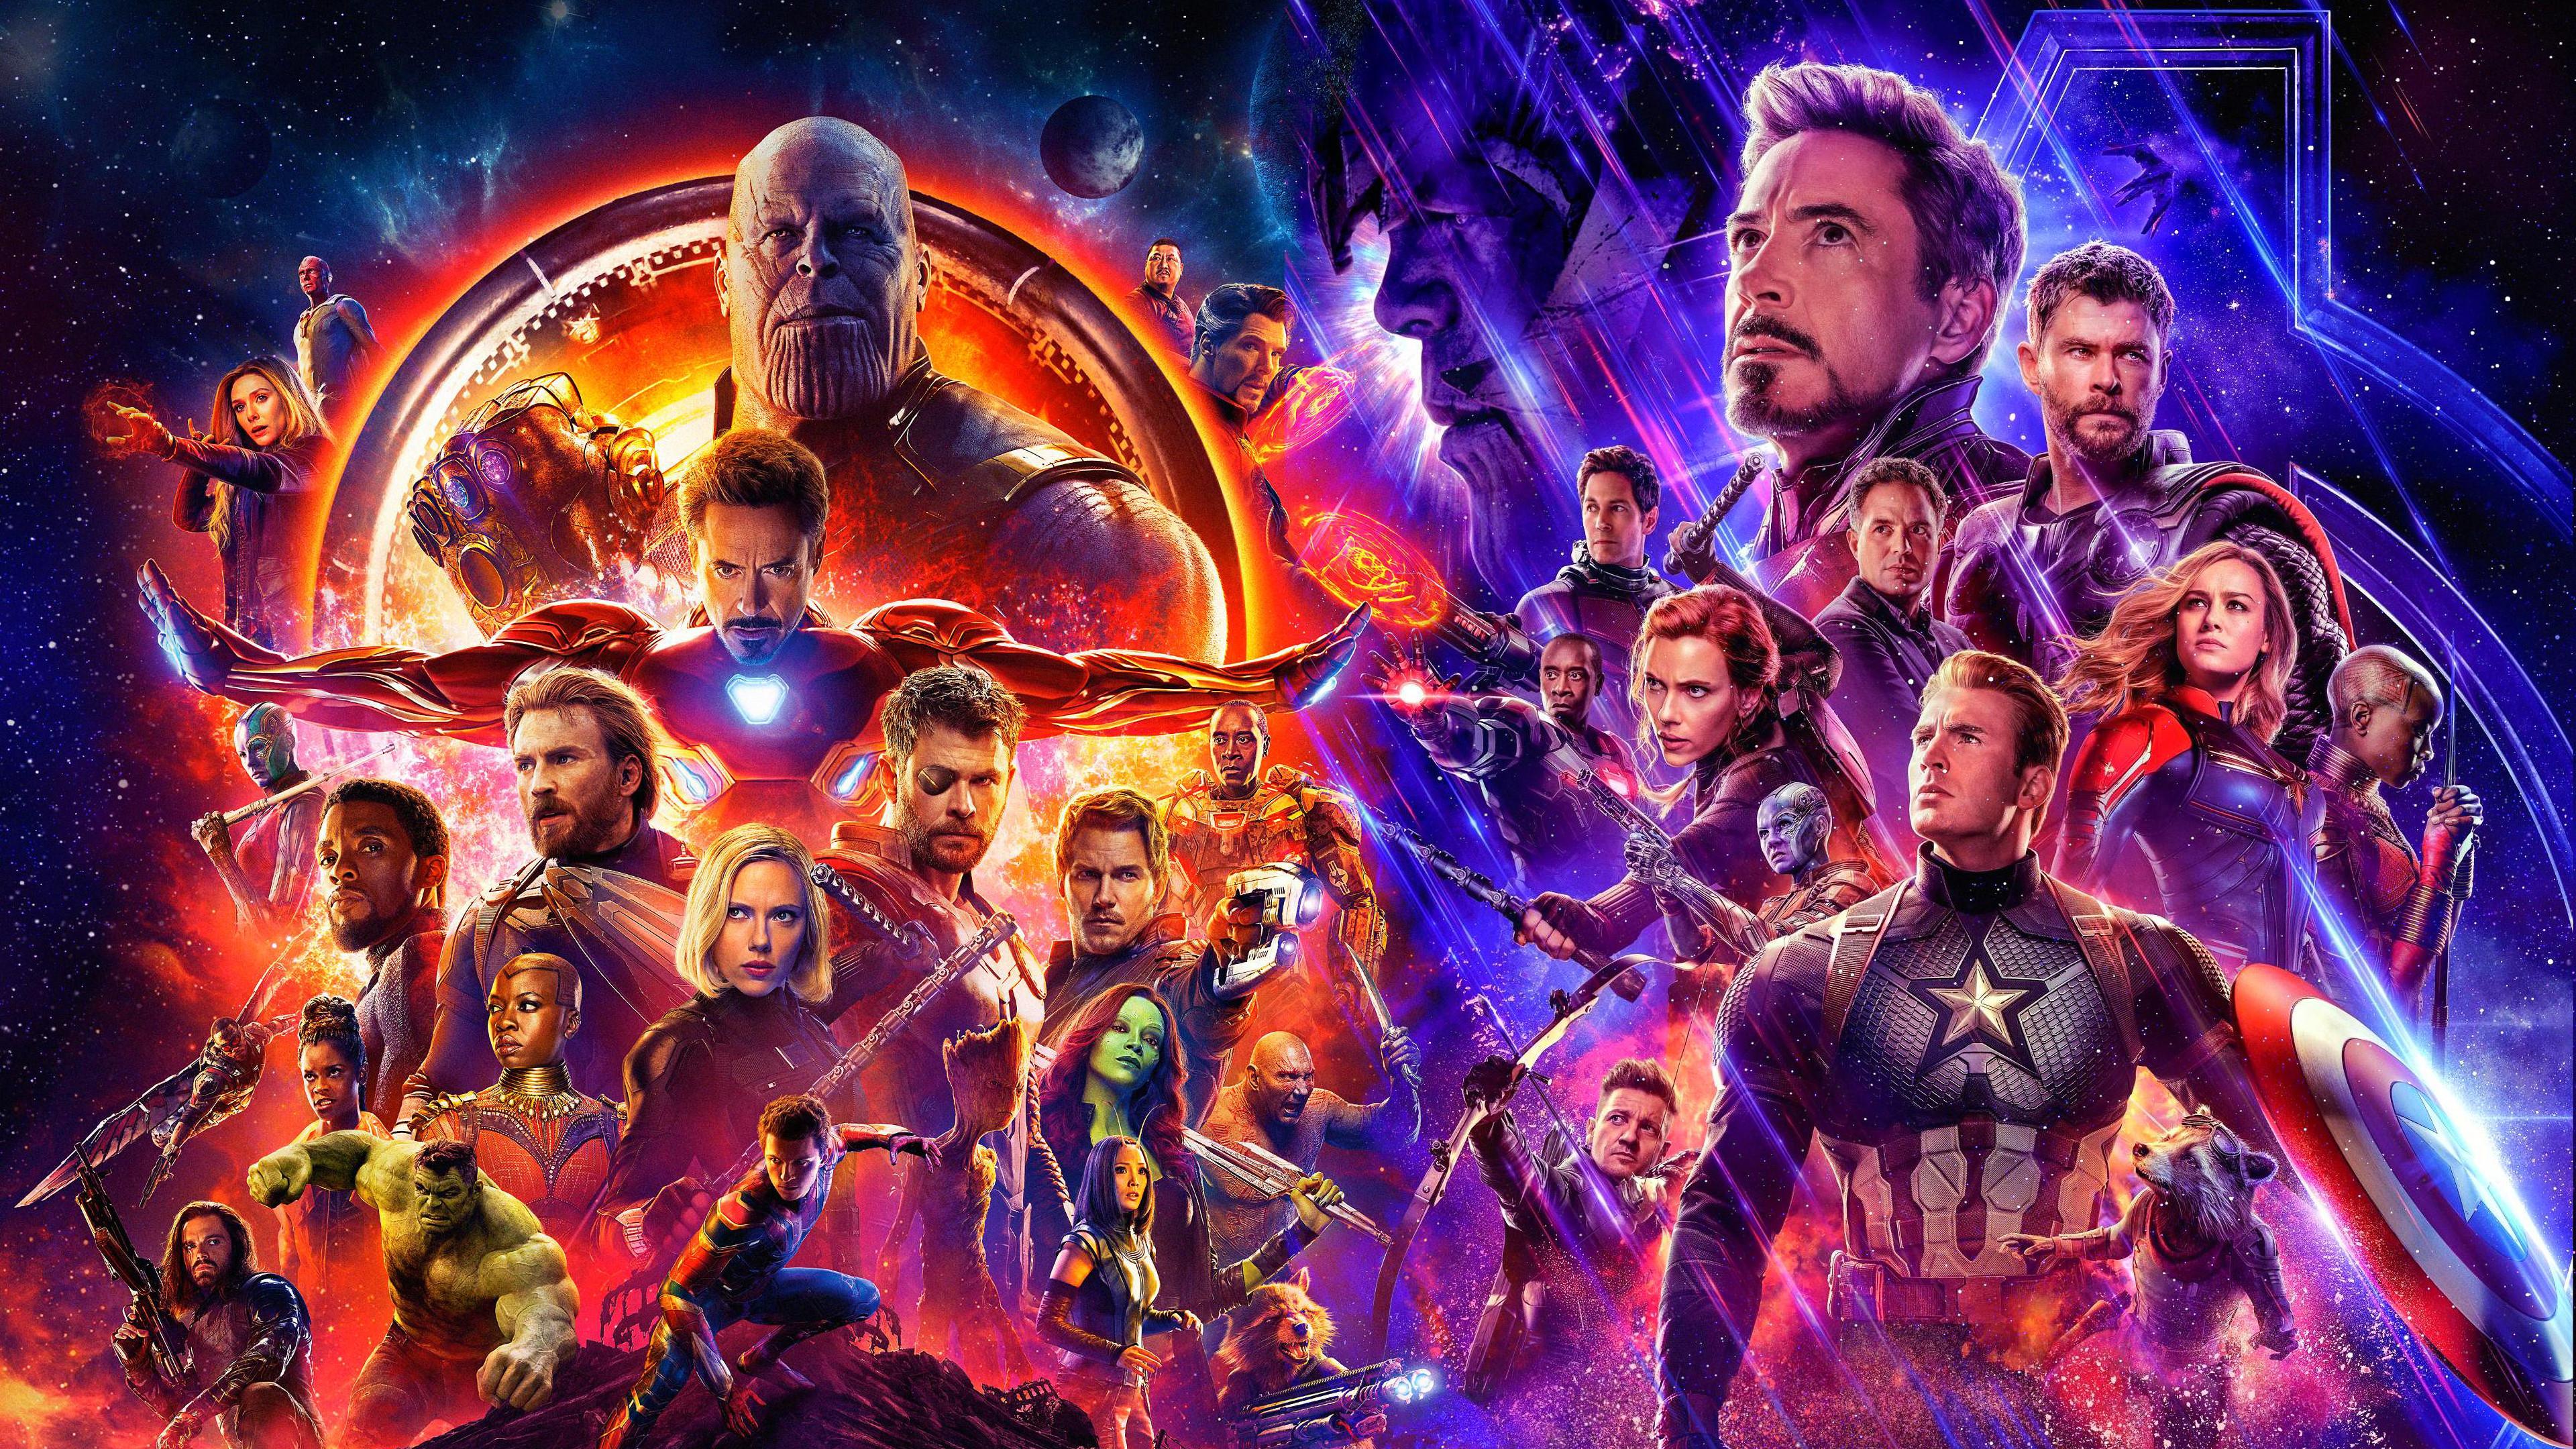 Avengers Endgame Movie Characters 4k Wallpaper 52